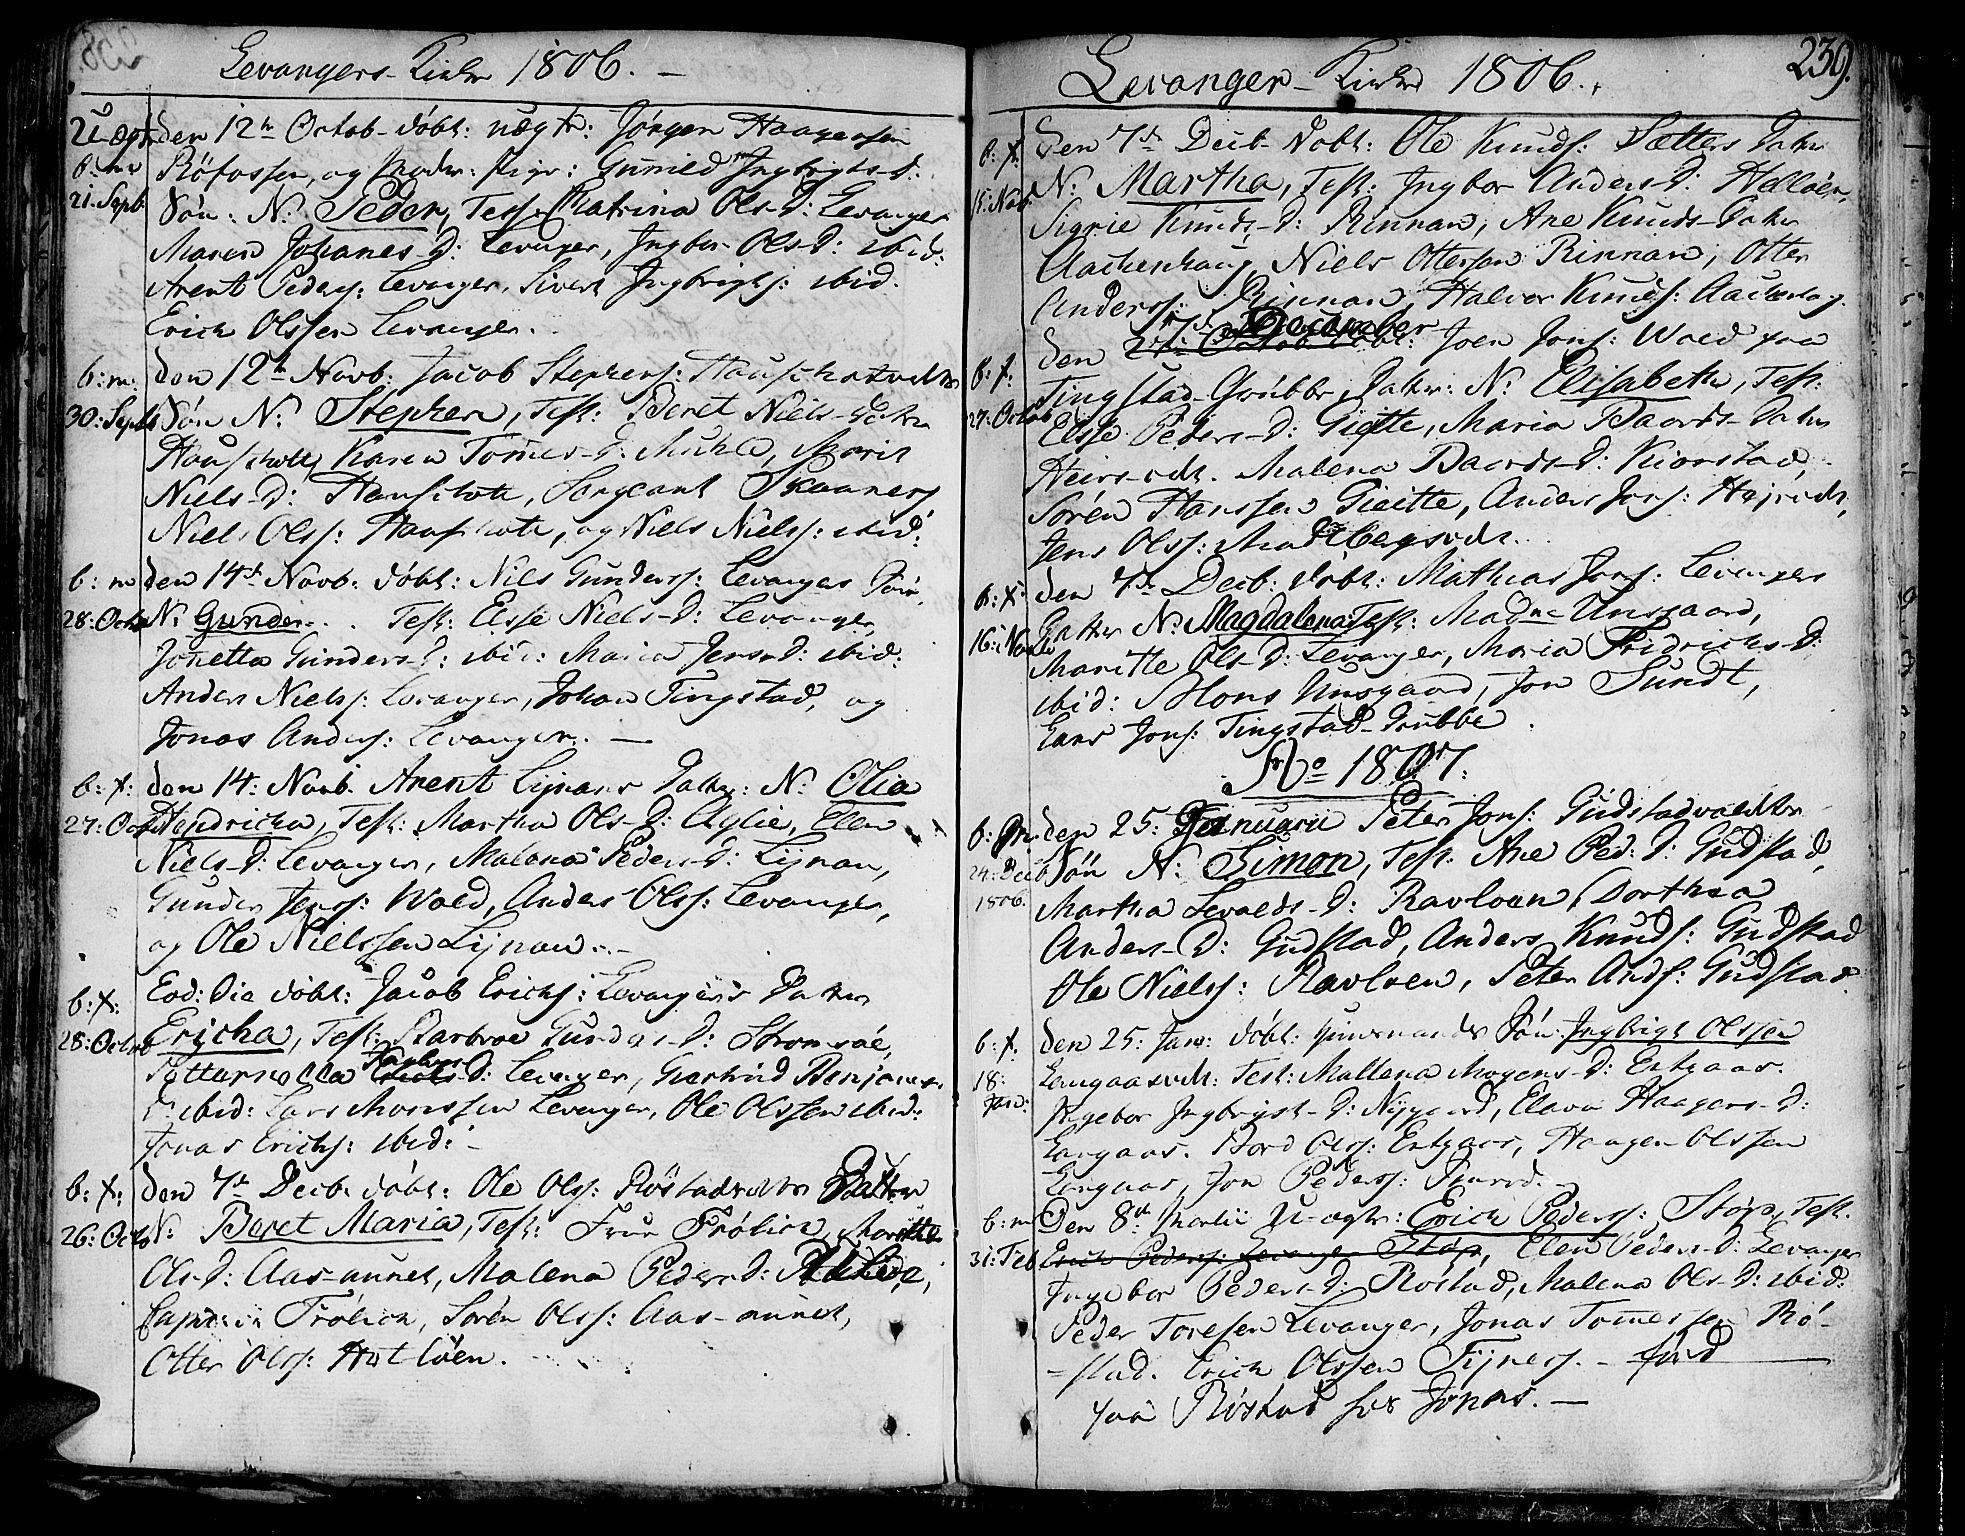 SAT, Ministerialprotokoller, klokkerbøker og fødselsregistre - Nord-Trøndelag, 717/L0144: Ministerialbok nr. 717A02 /3, 1805-1809, s. 239